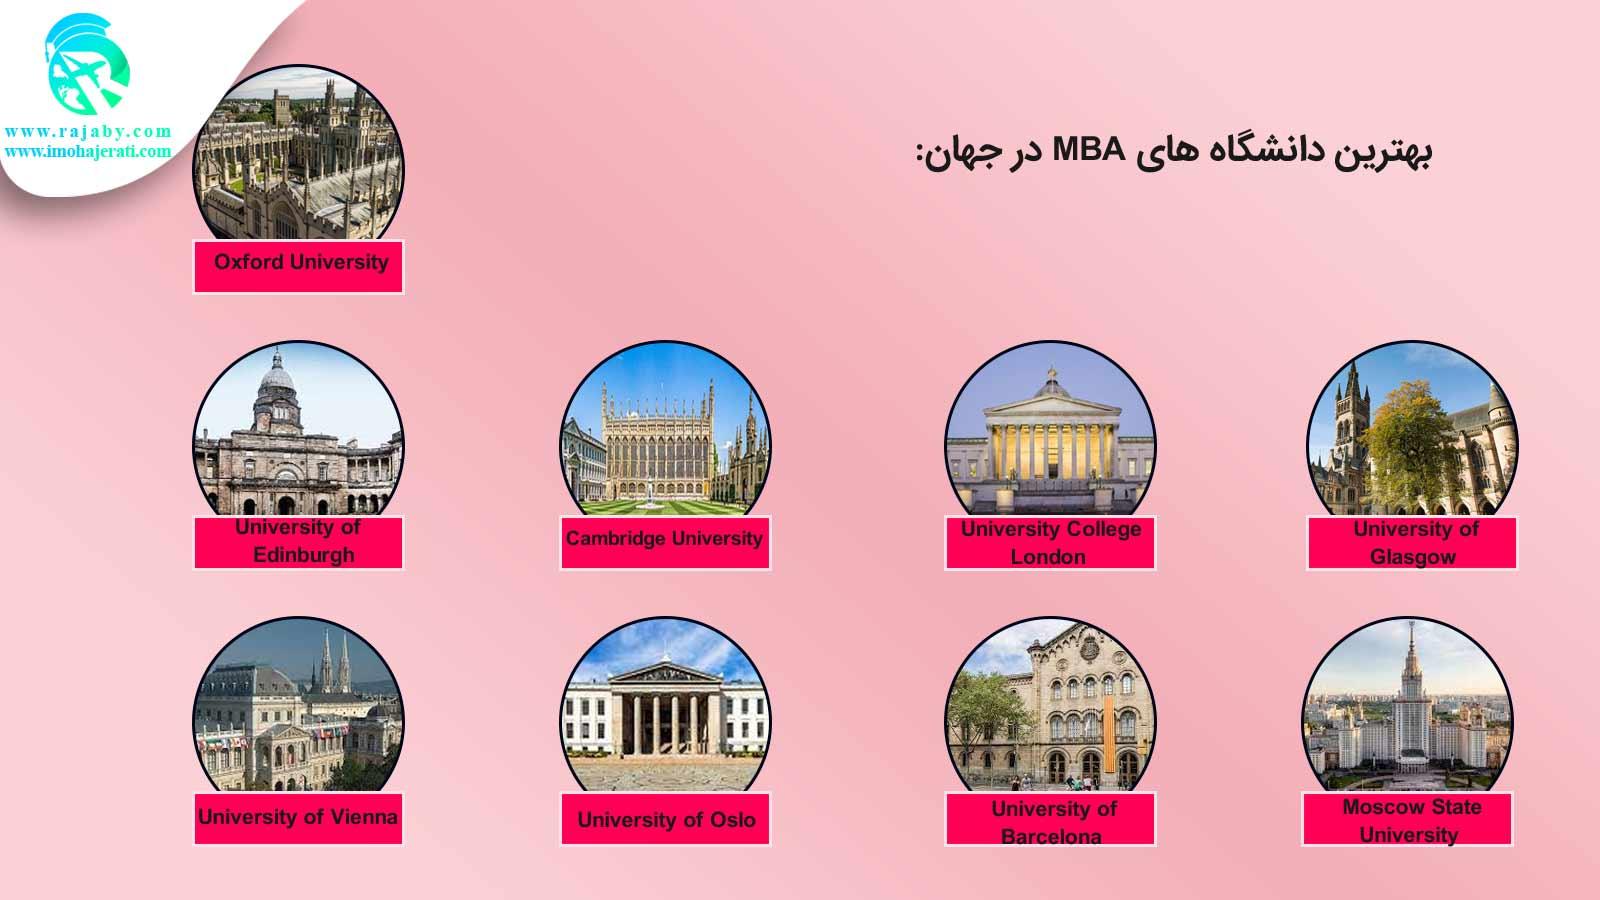 بهترین دانشگاه ها برای تحصیل MBA